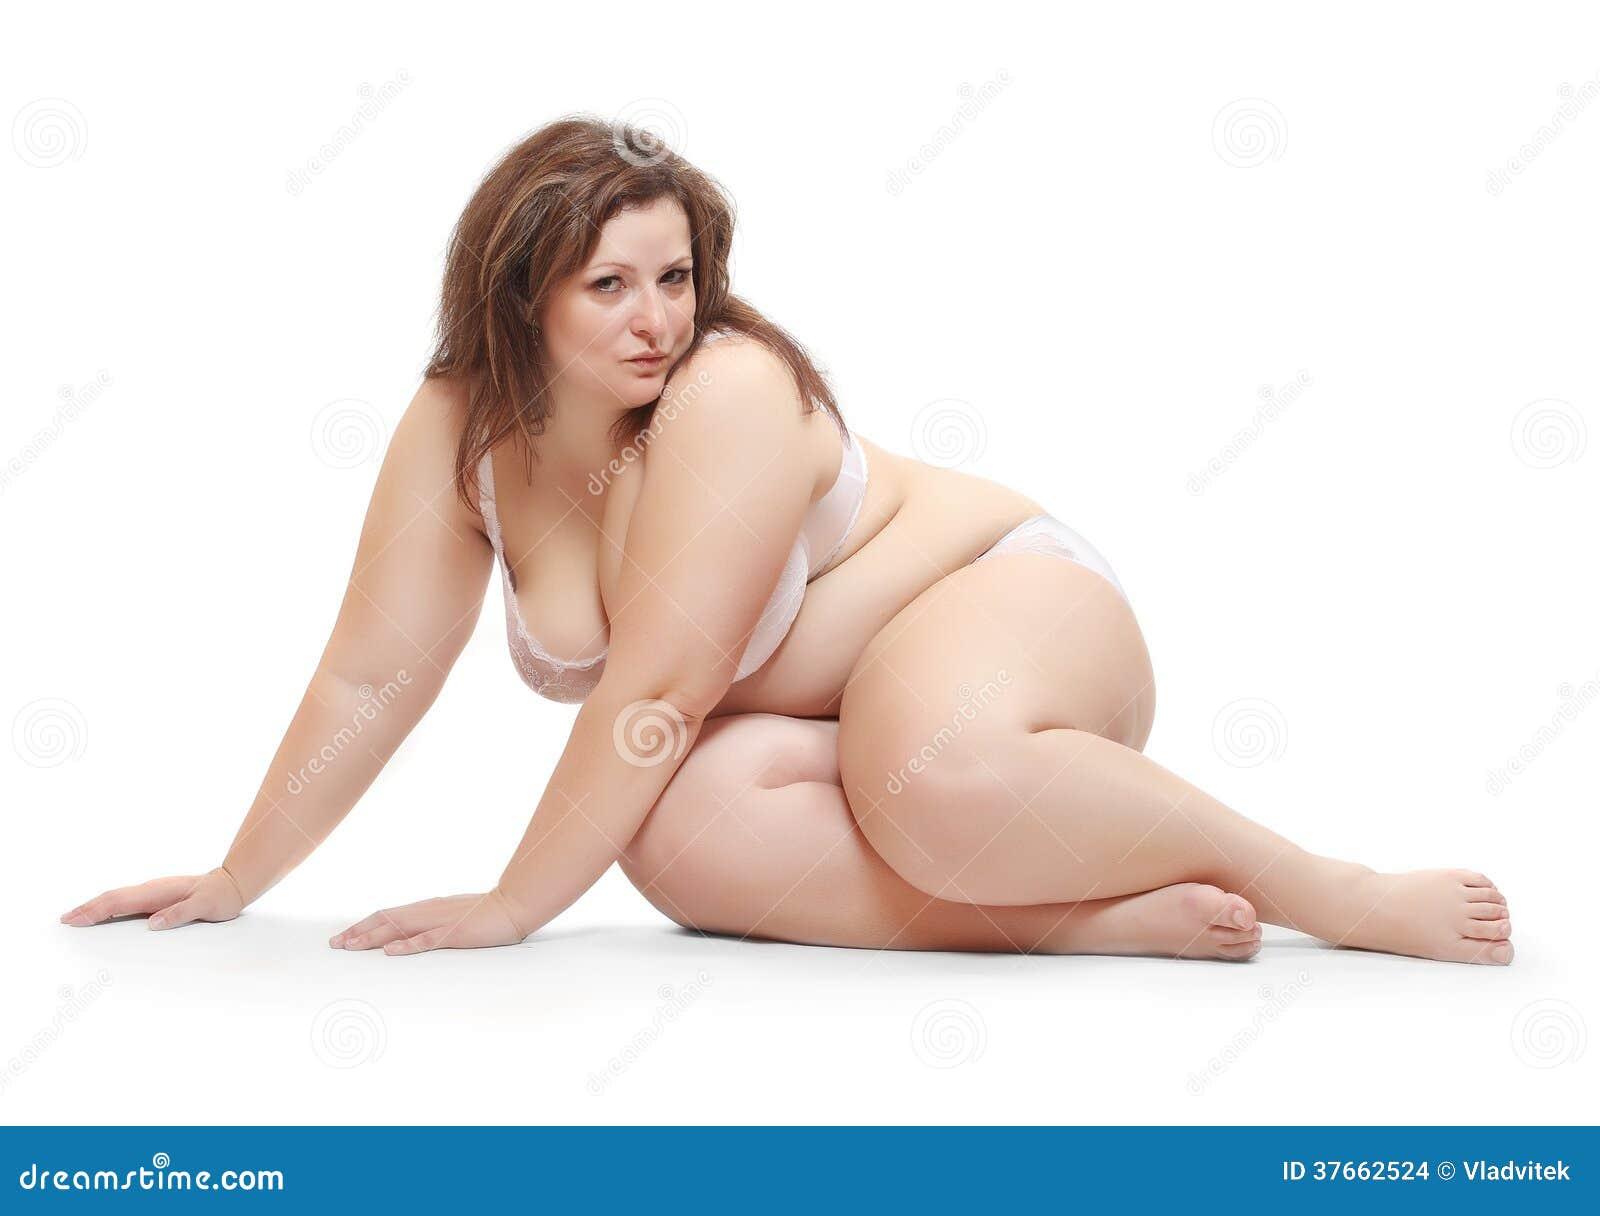 Fatty in red gordita de rojo - 1 4